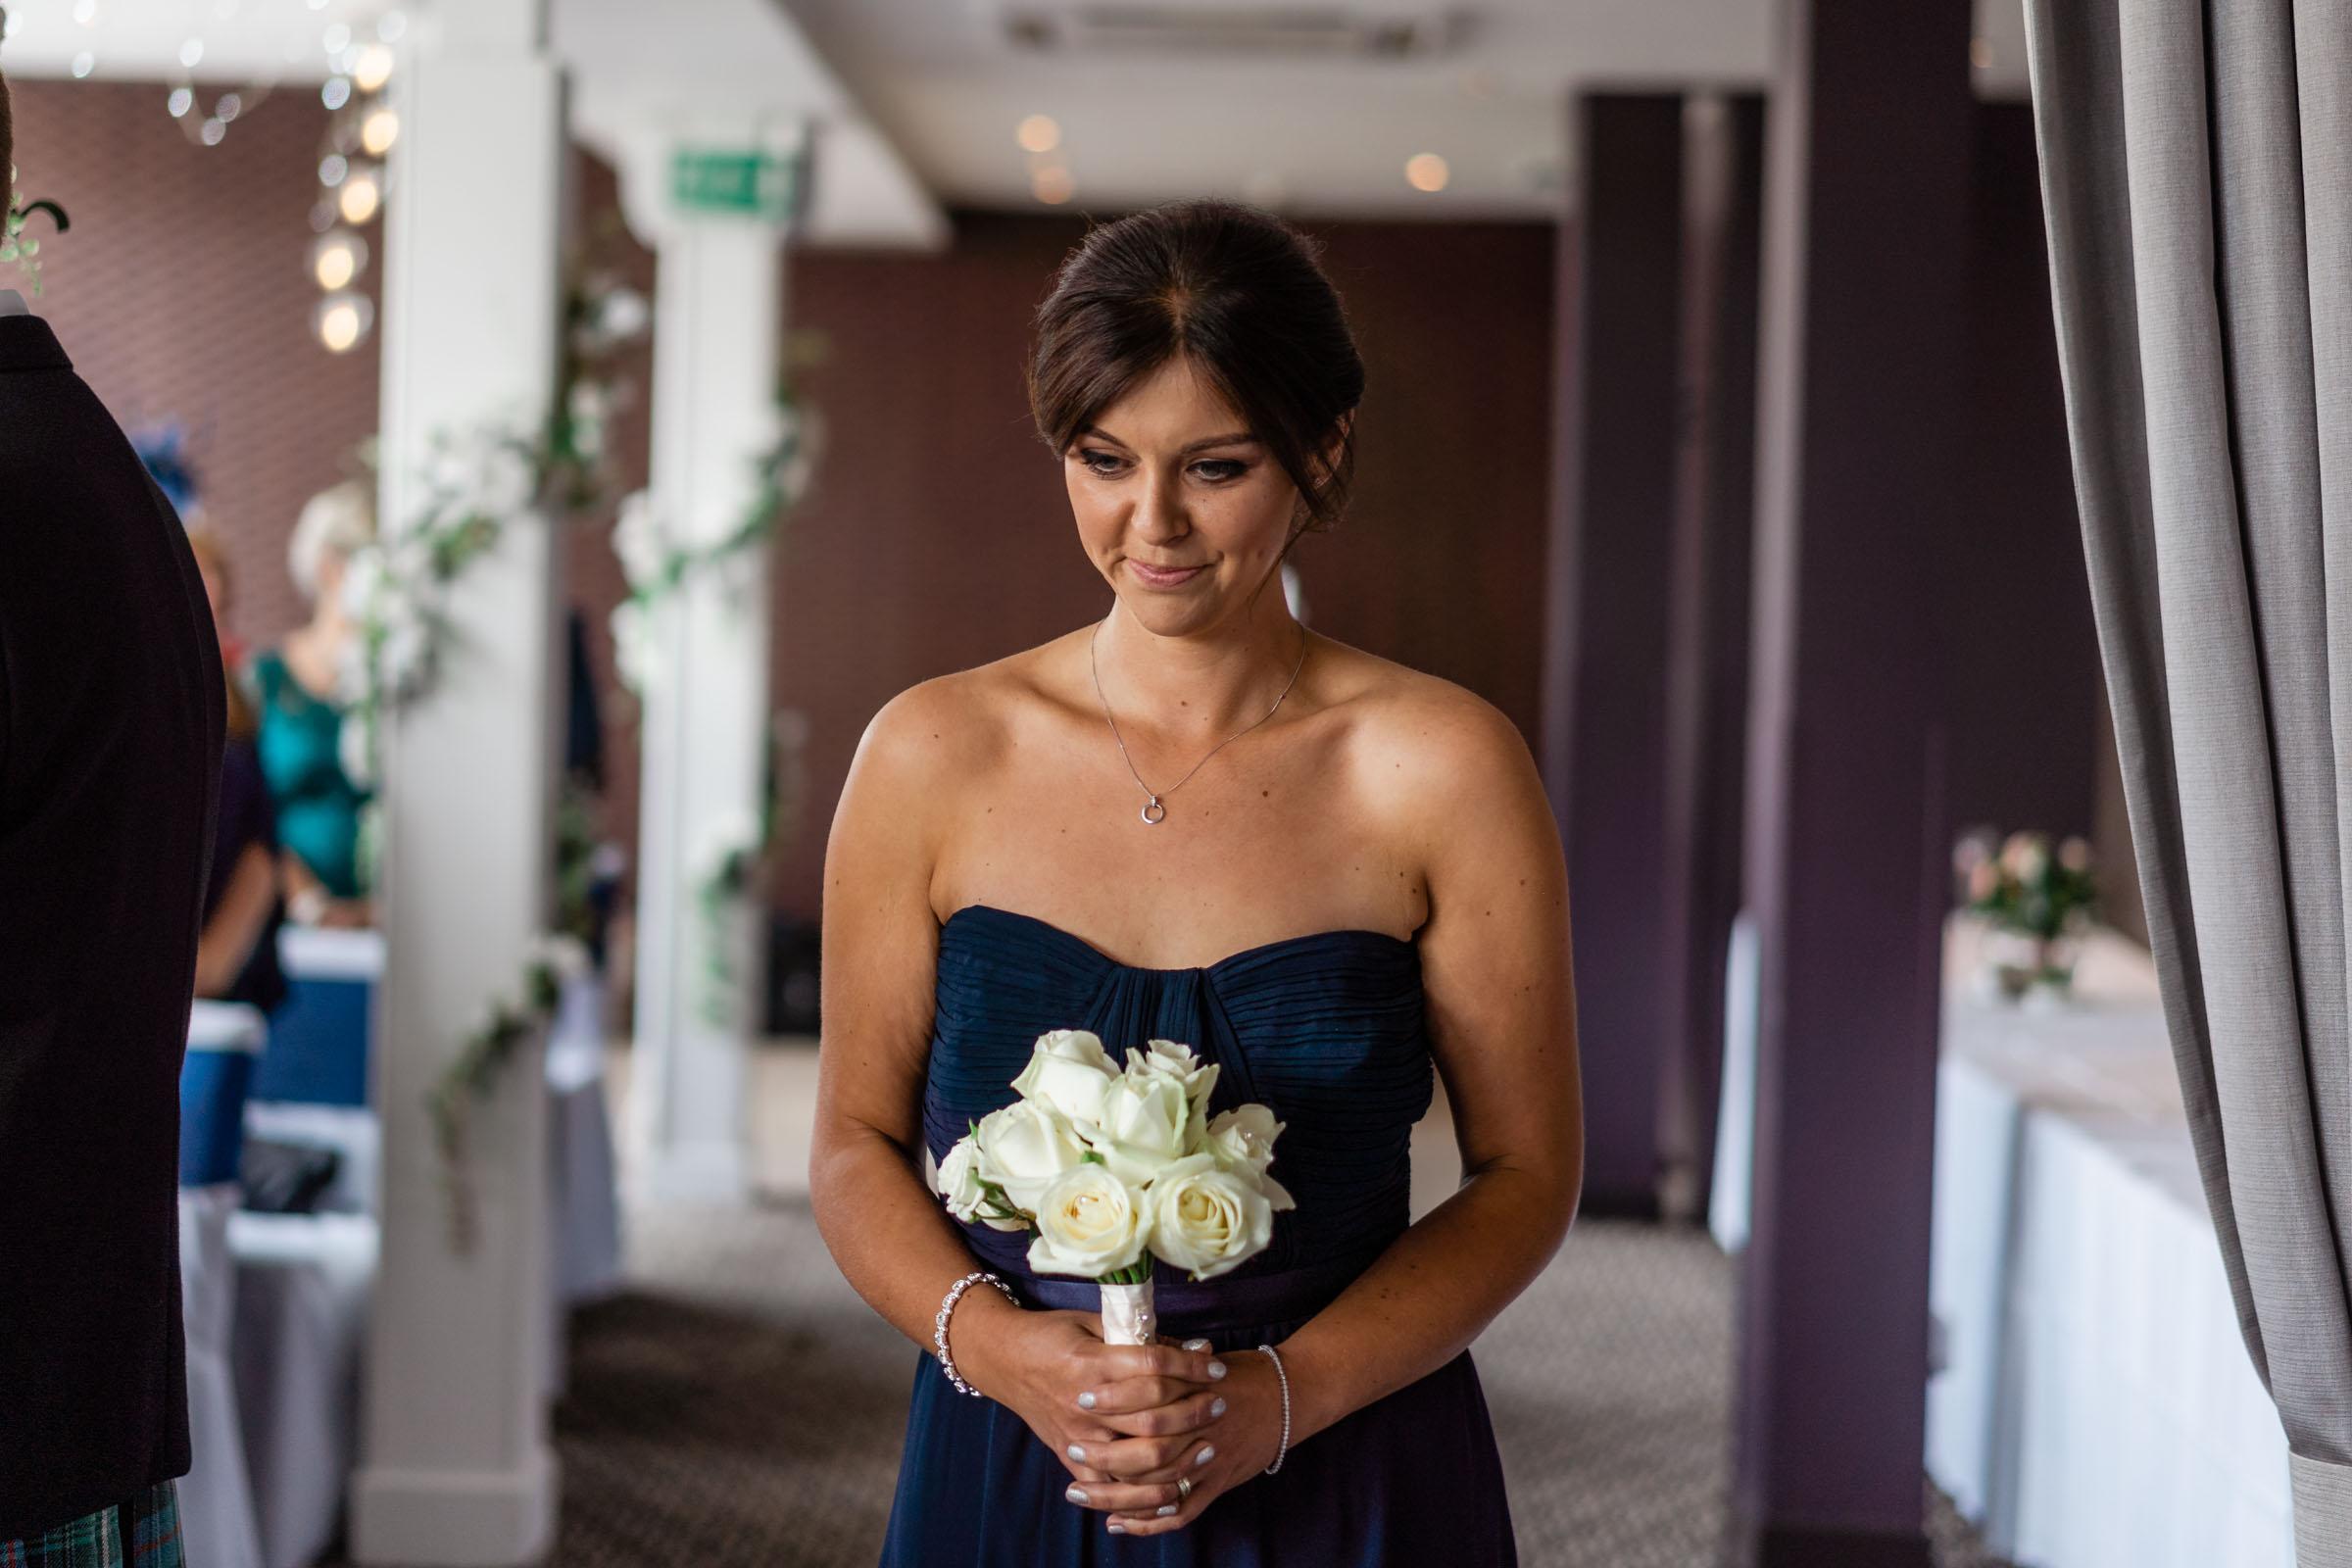 edinburgh_apex_hotel_wedding_dearlyphotography (18 of 65).jpg